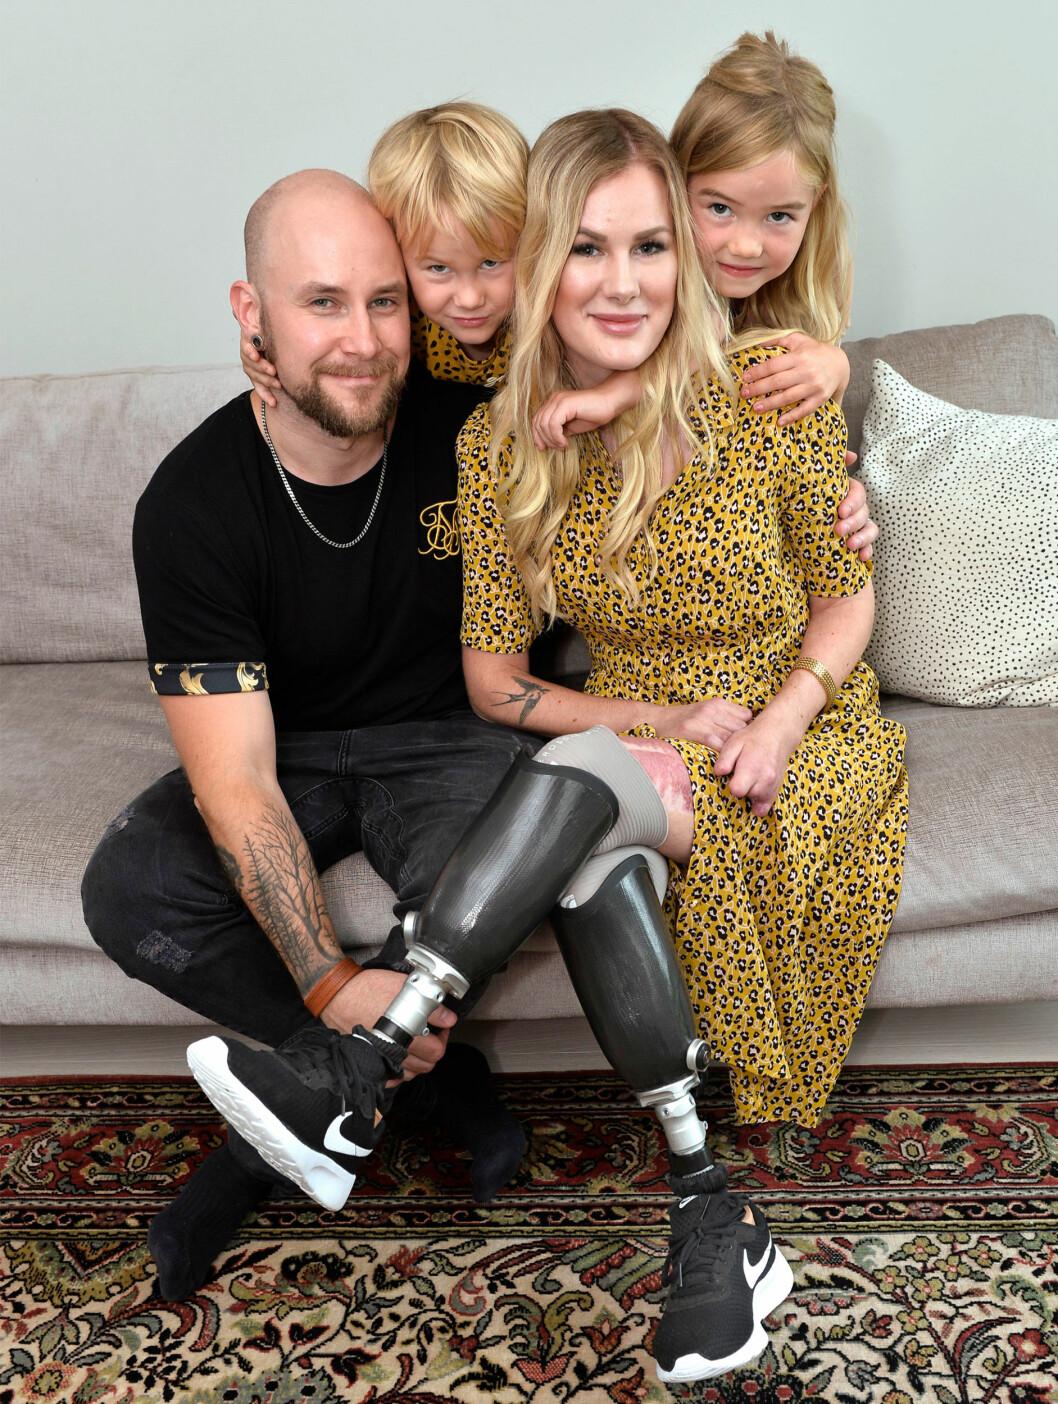 Elin tillsammans med sin man och sina barn sitter nära varandra i en soffa.